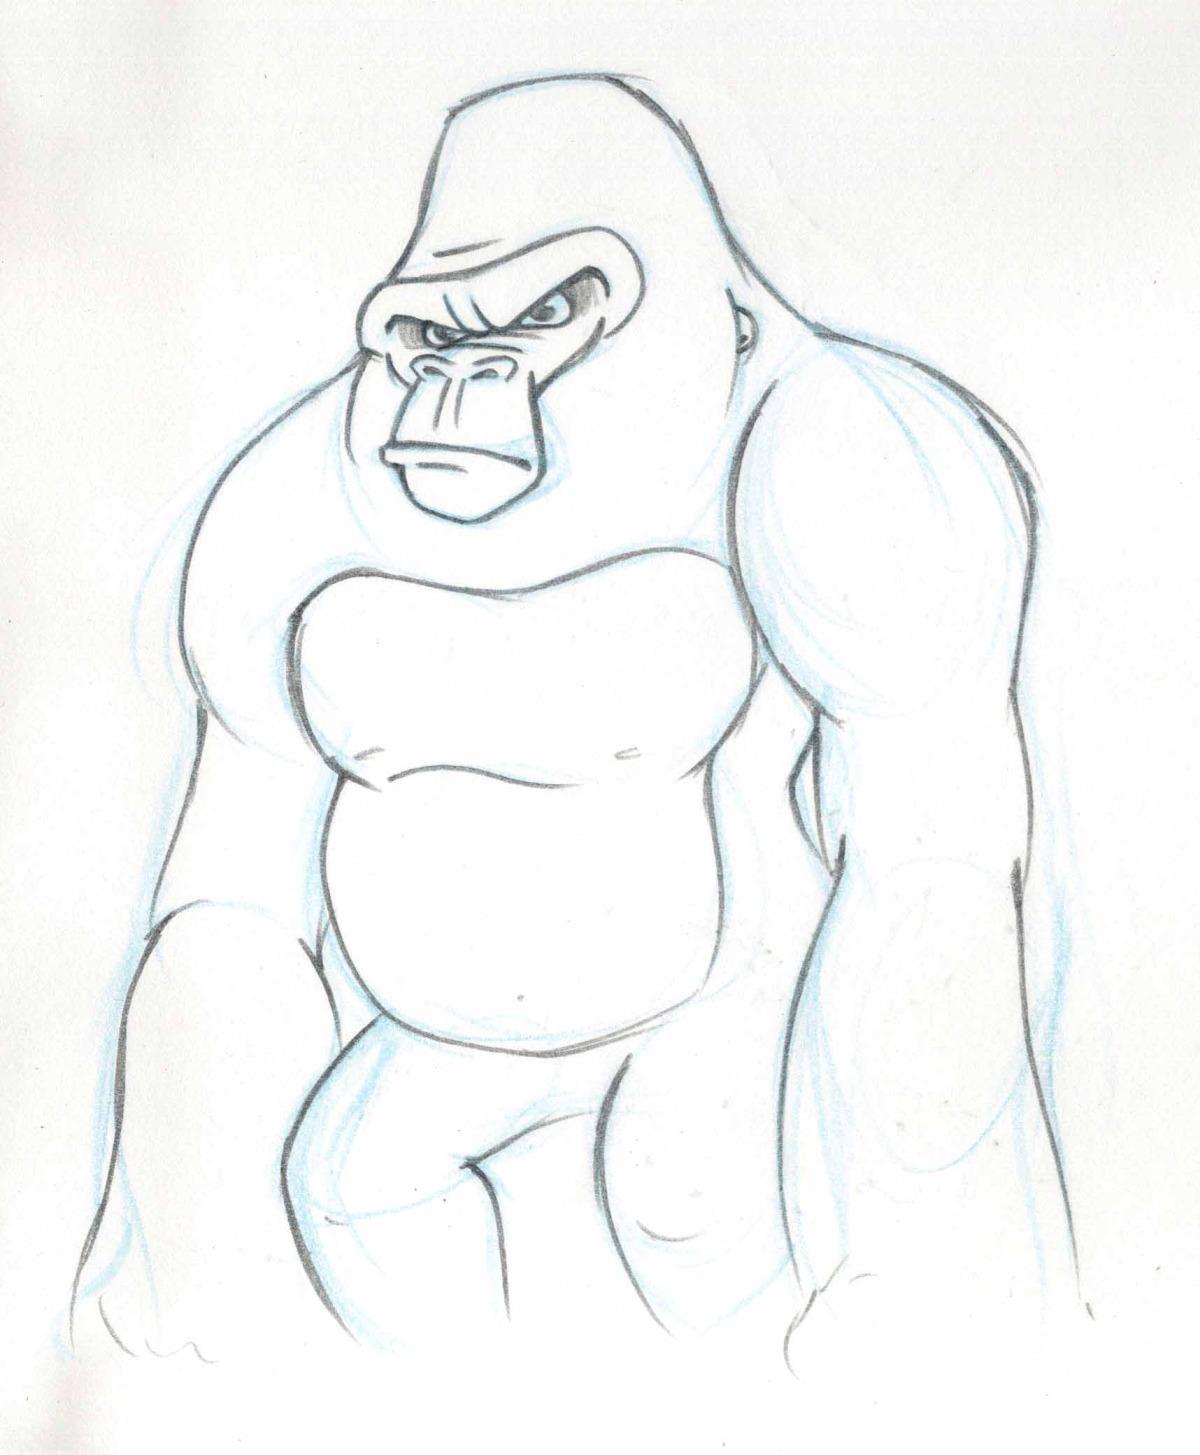 antcreations_gorillatubssketches13.jpg